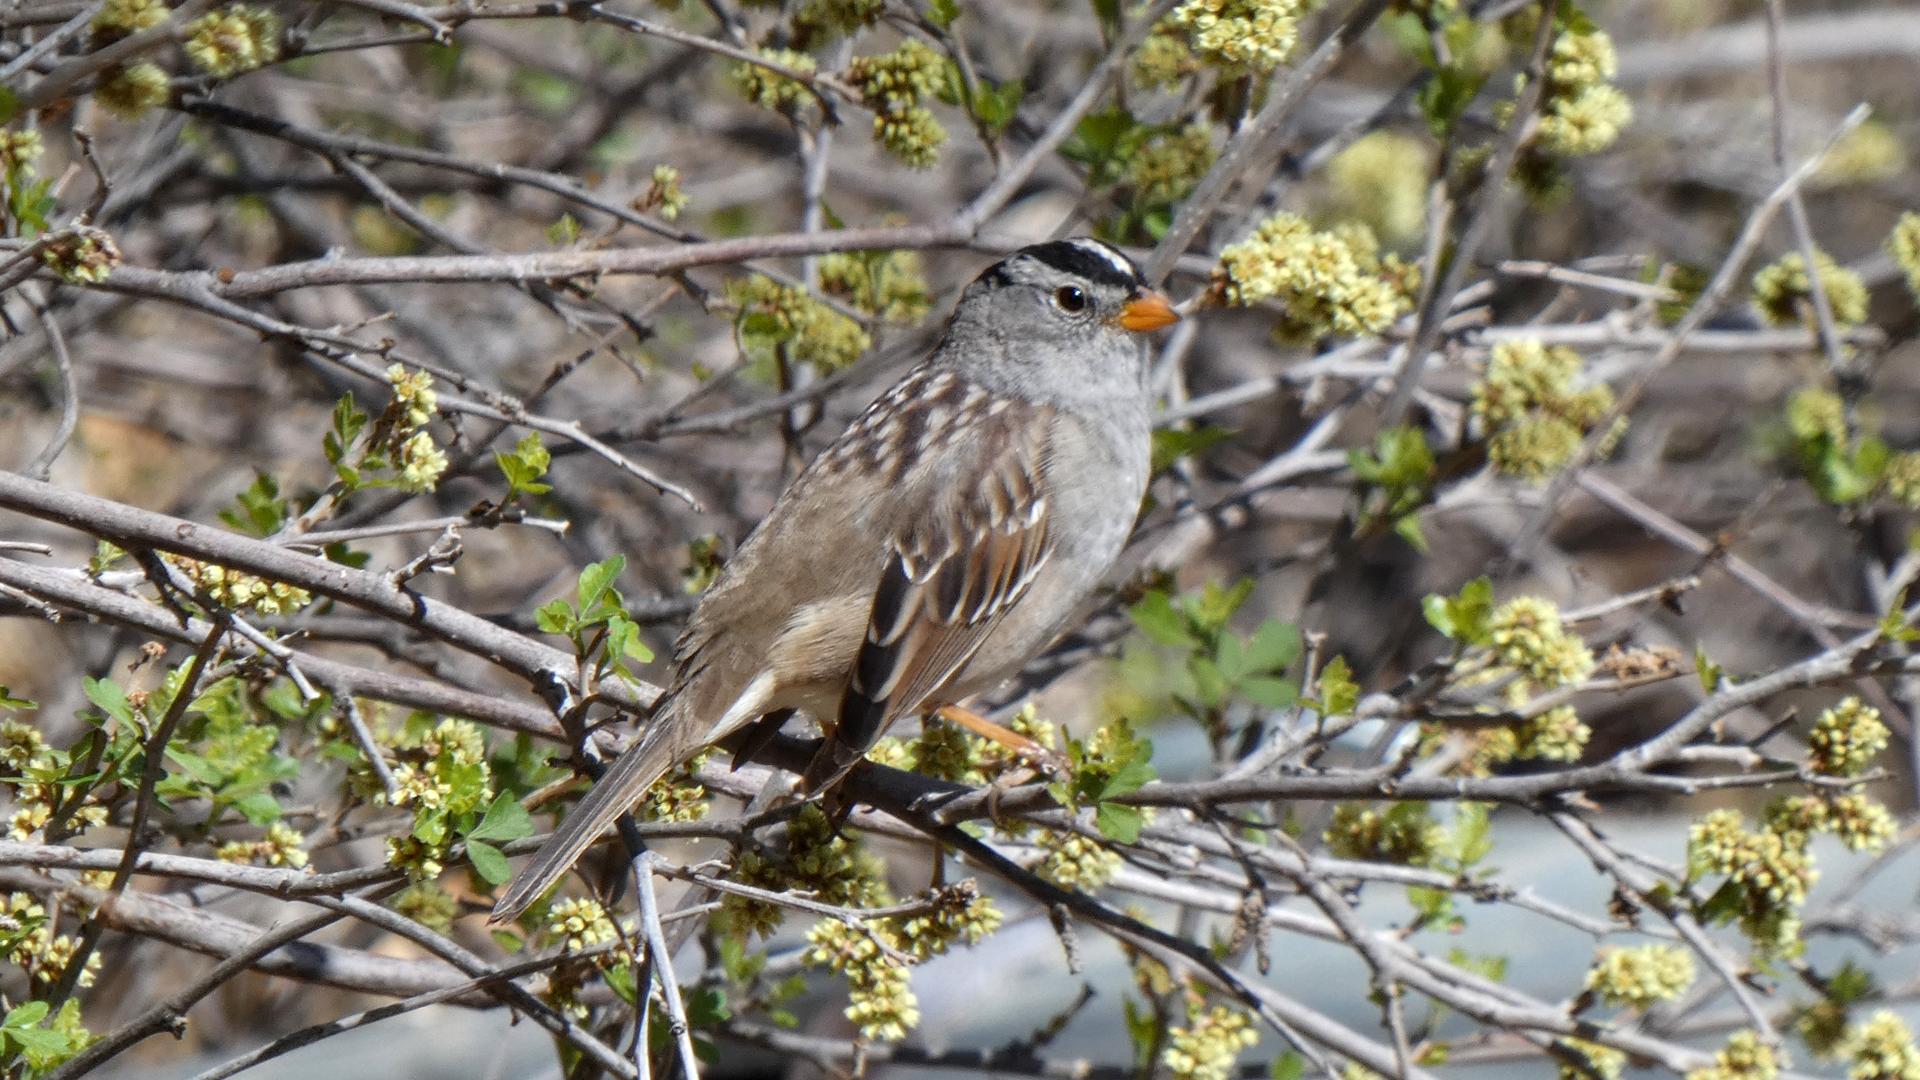 Adult, Rio Grande Nature Center, Albuquerque, April 2021